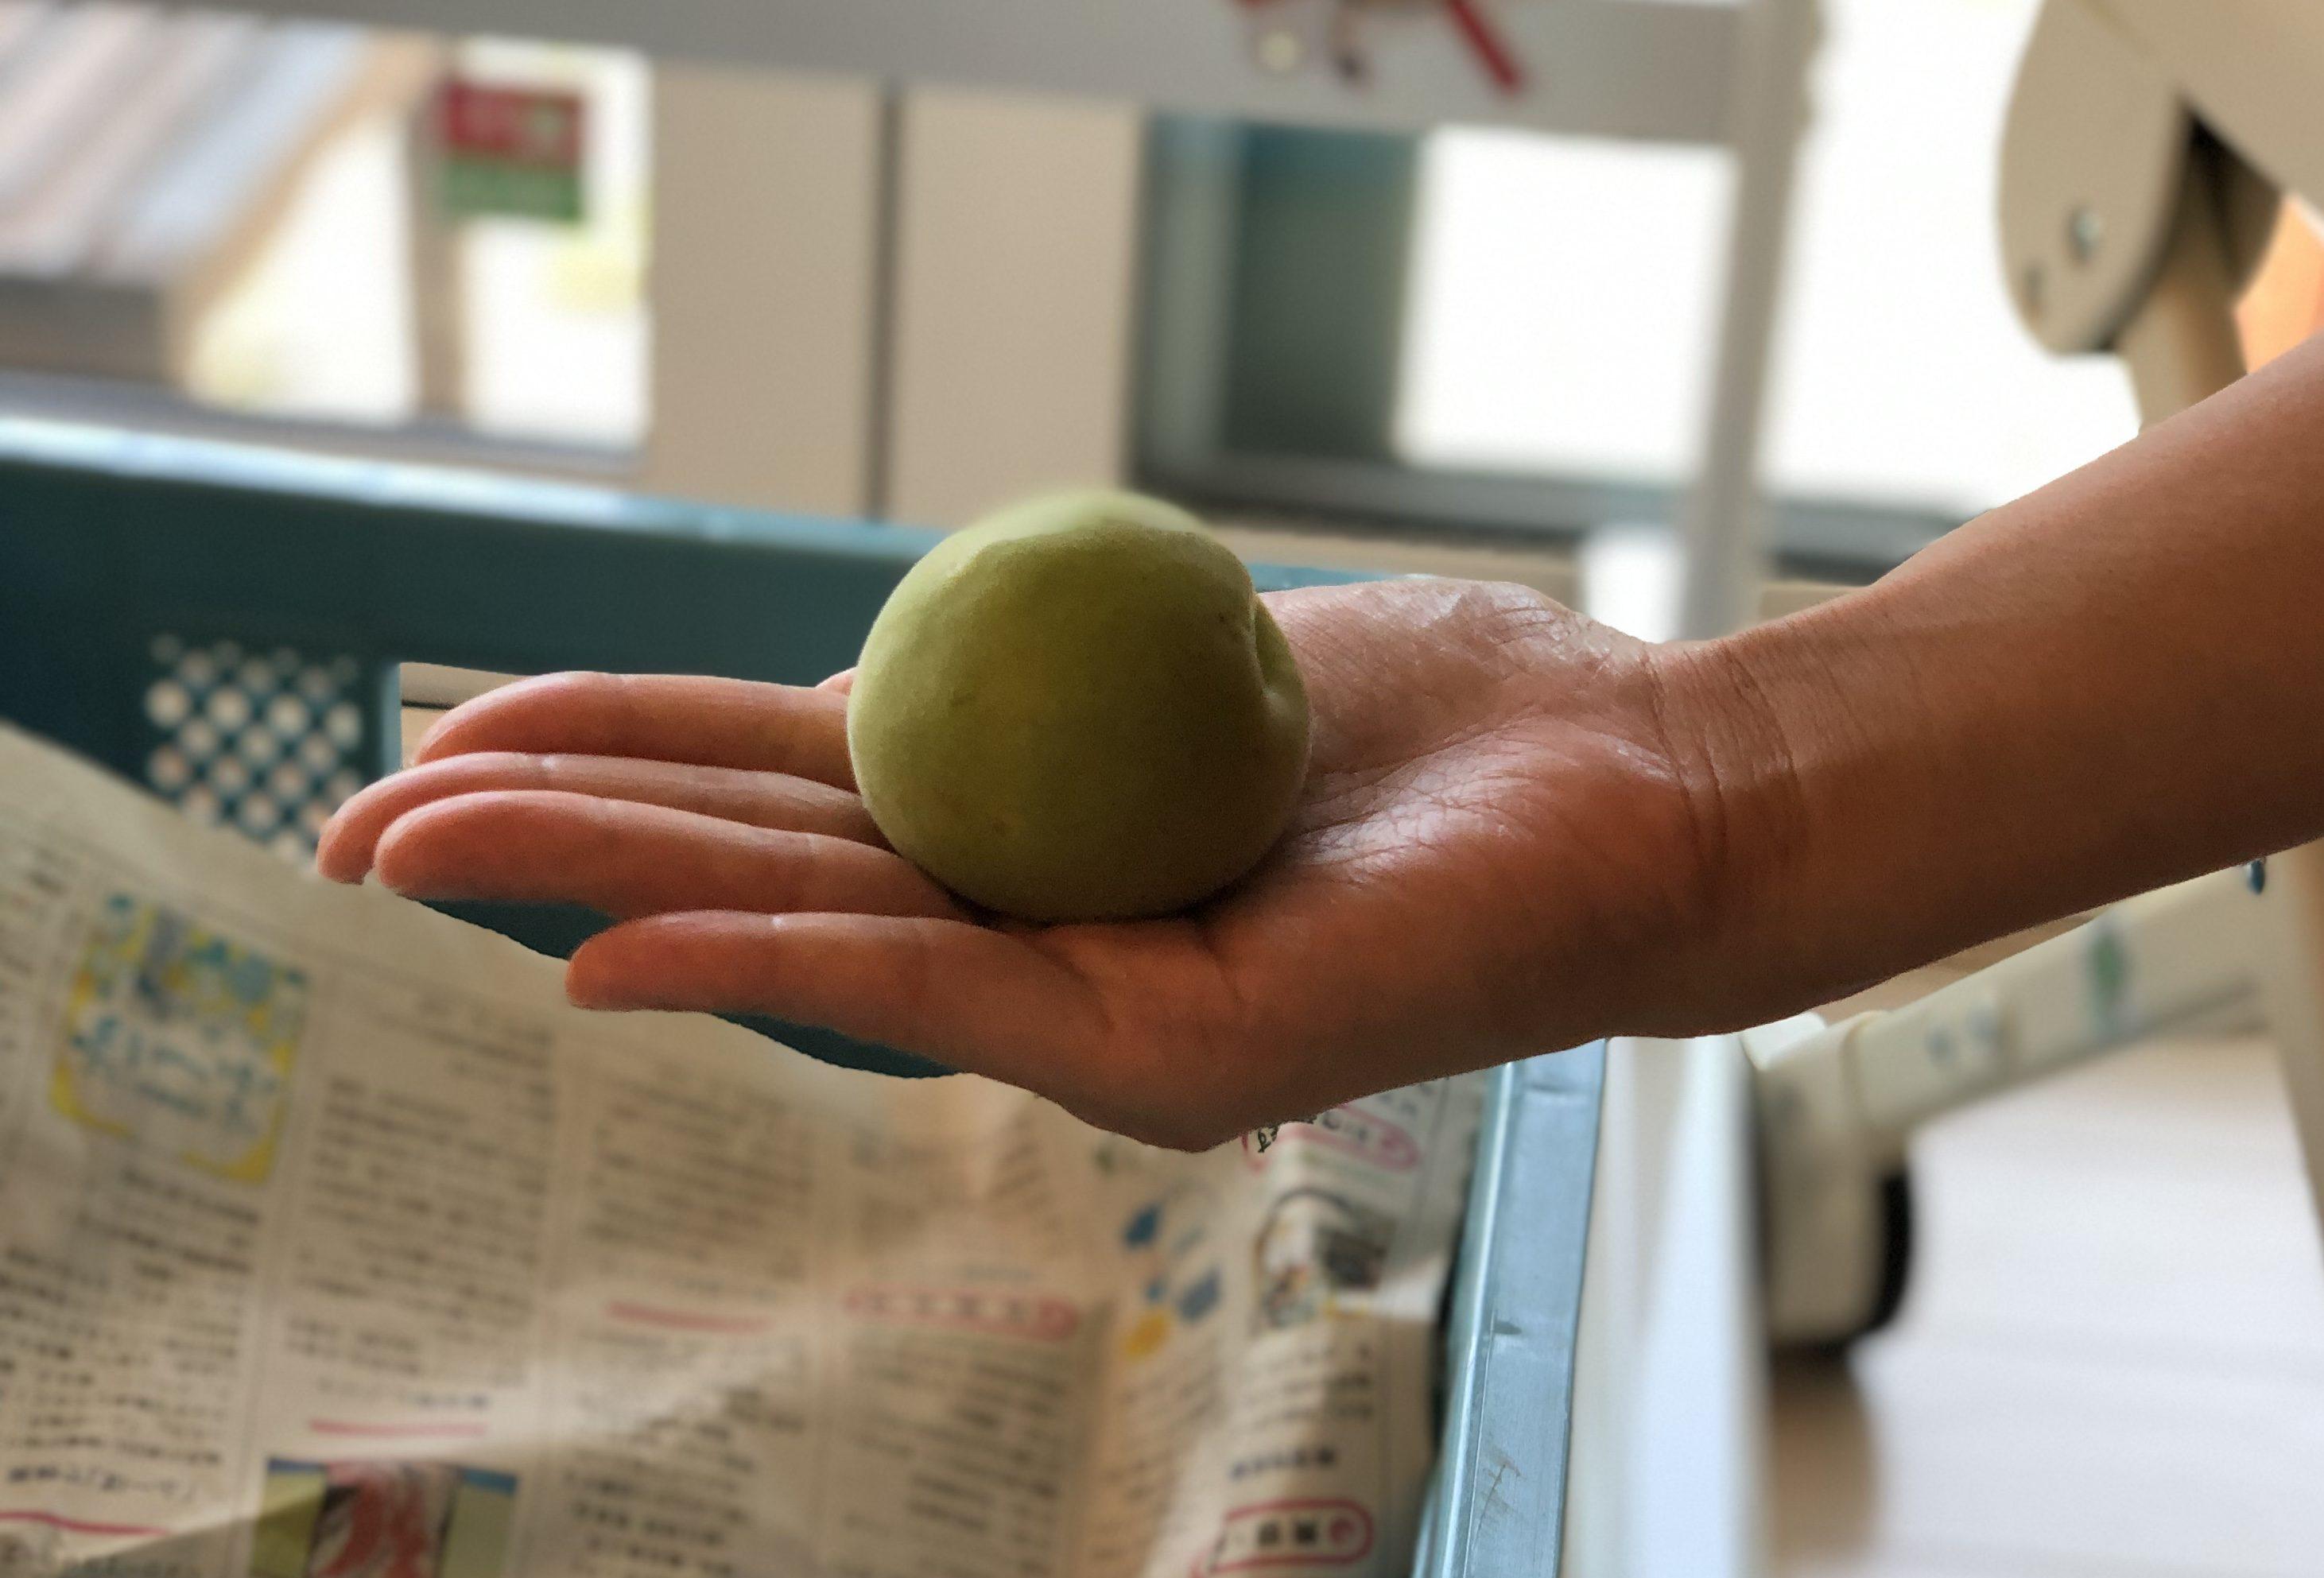 若狭の剣先梅を使った「ゆるゆる梅しごと・ほんのり梅養生」開催しました。